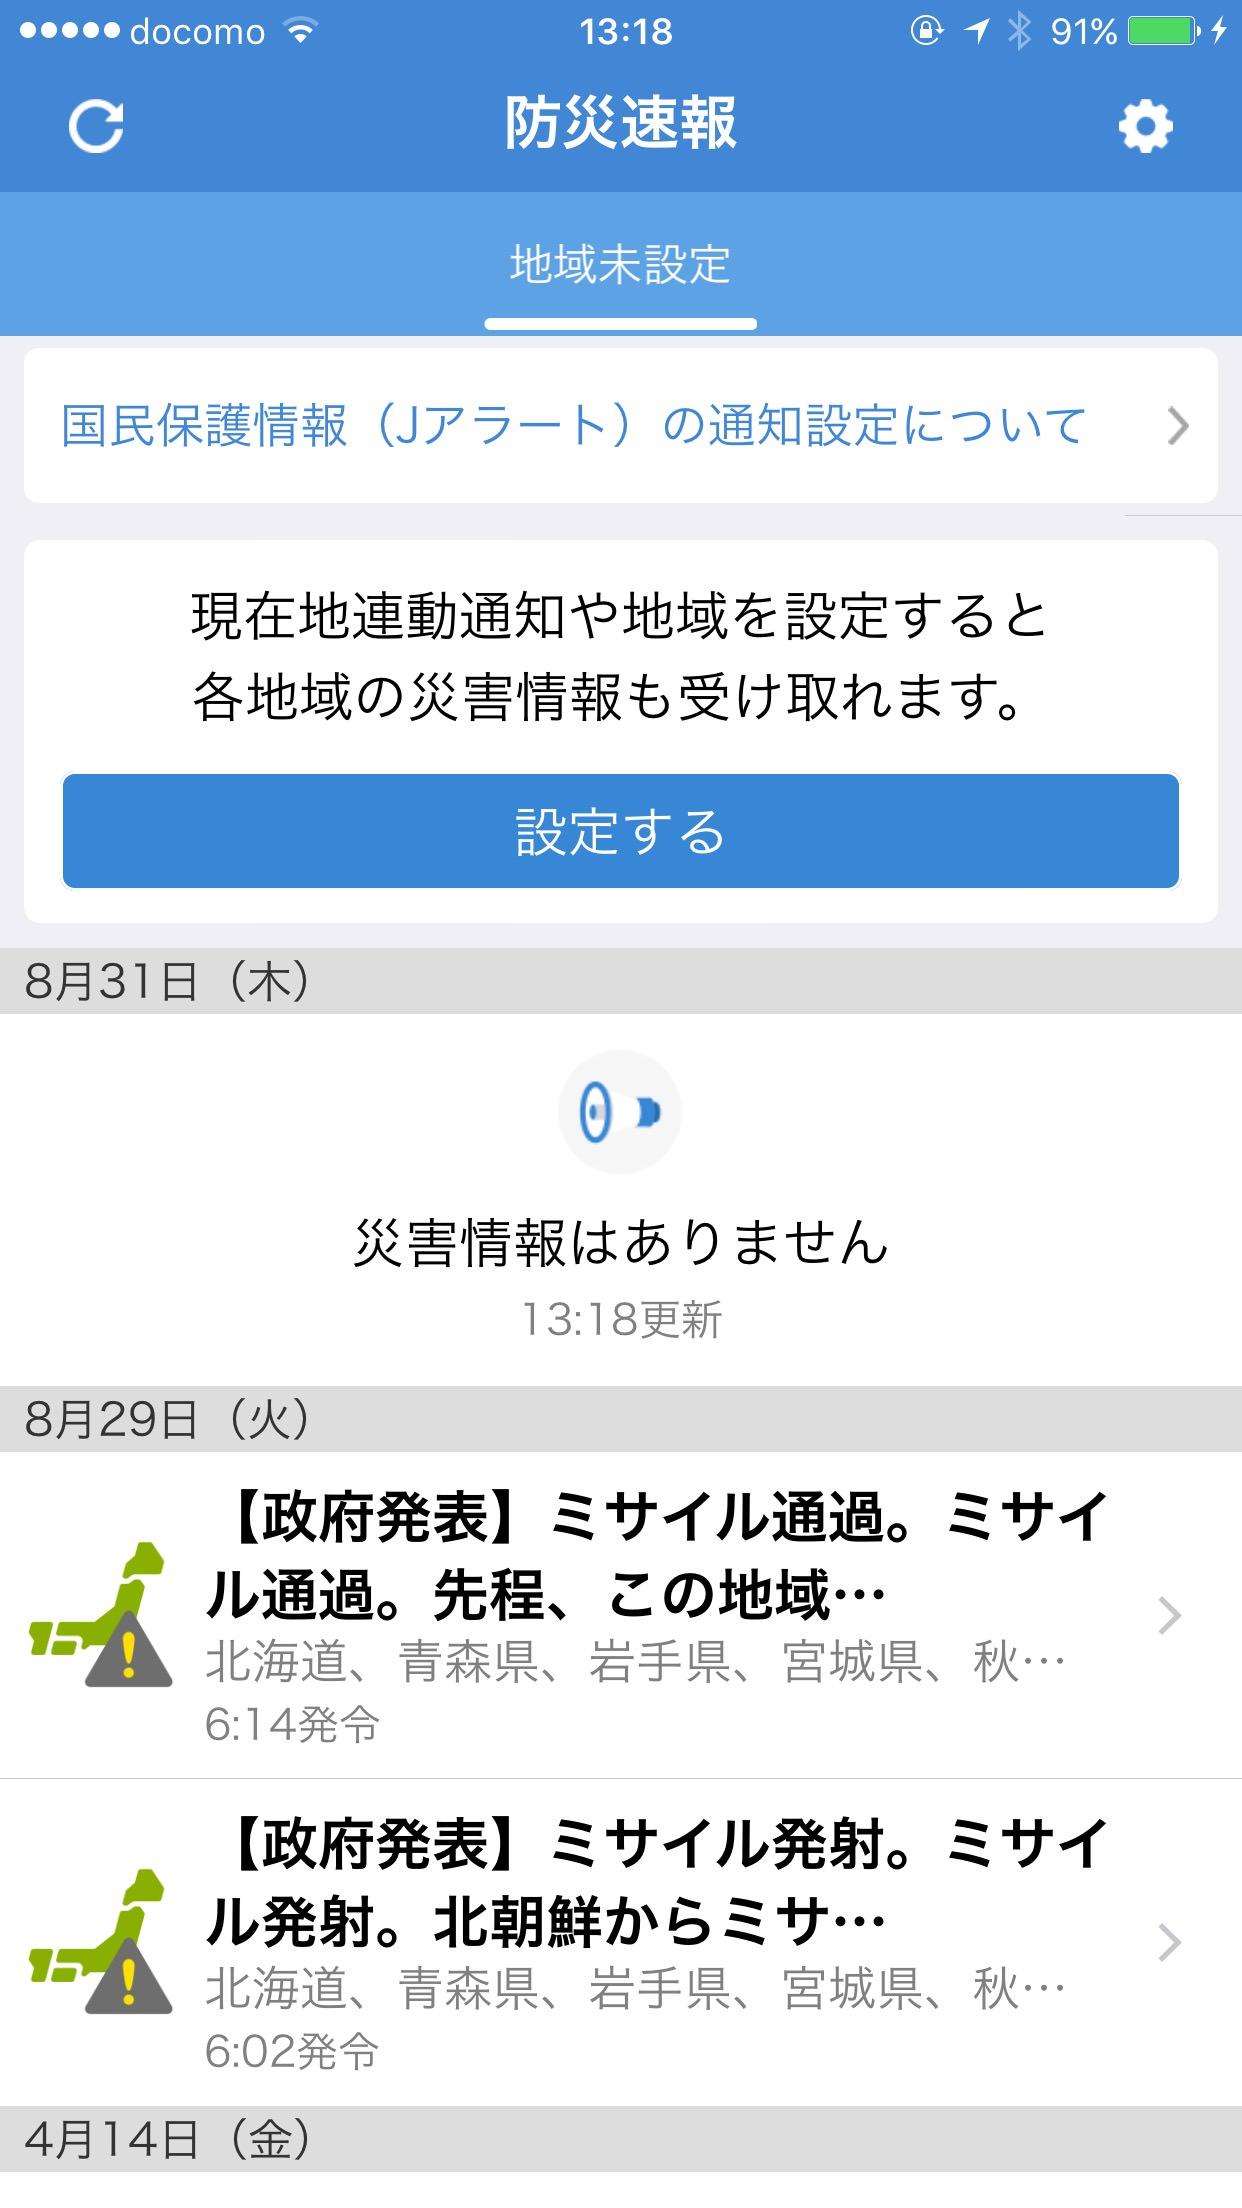 Yahoo bousai 6763